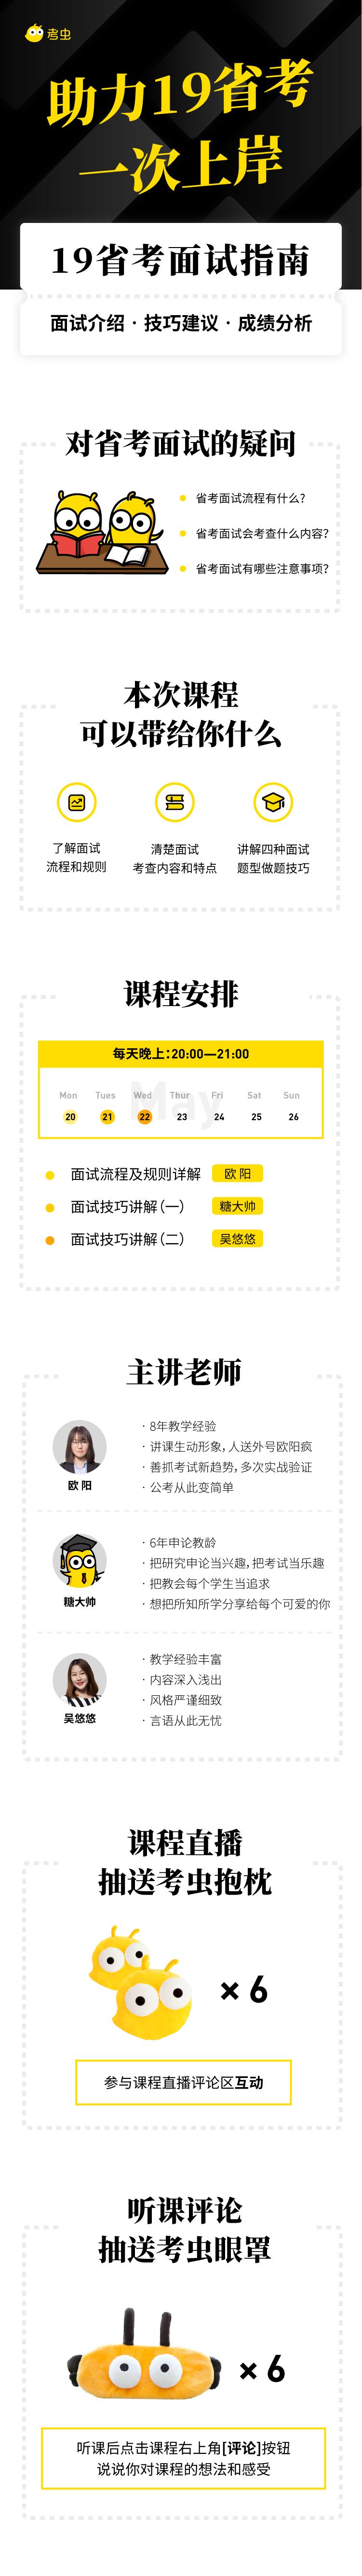 19省考面试指南详情页.jpg